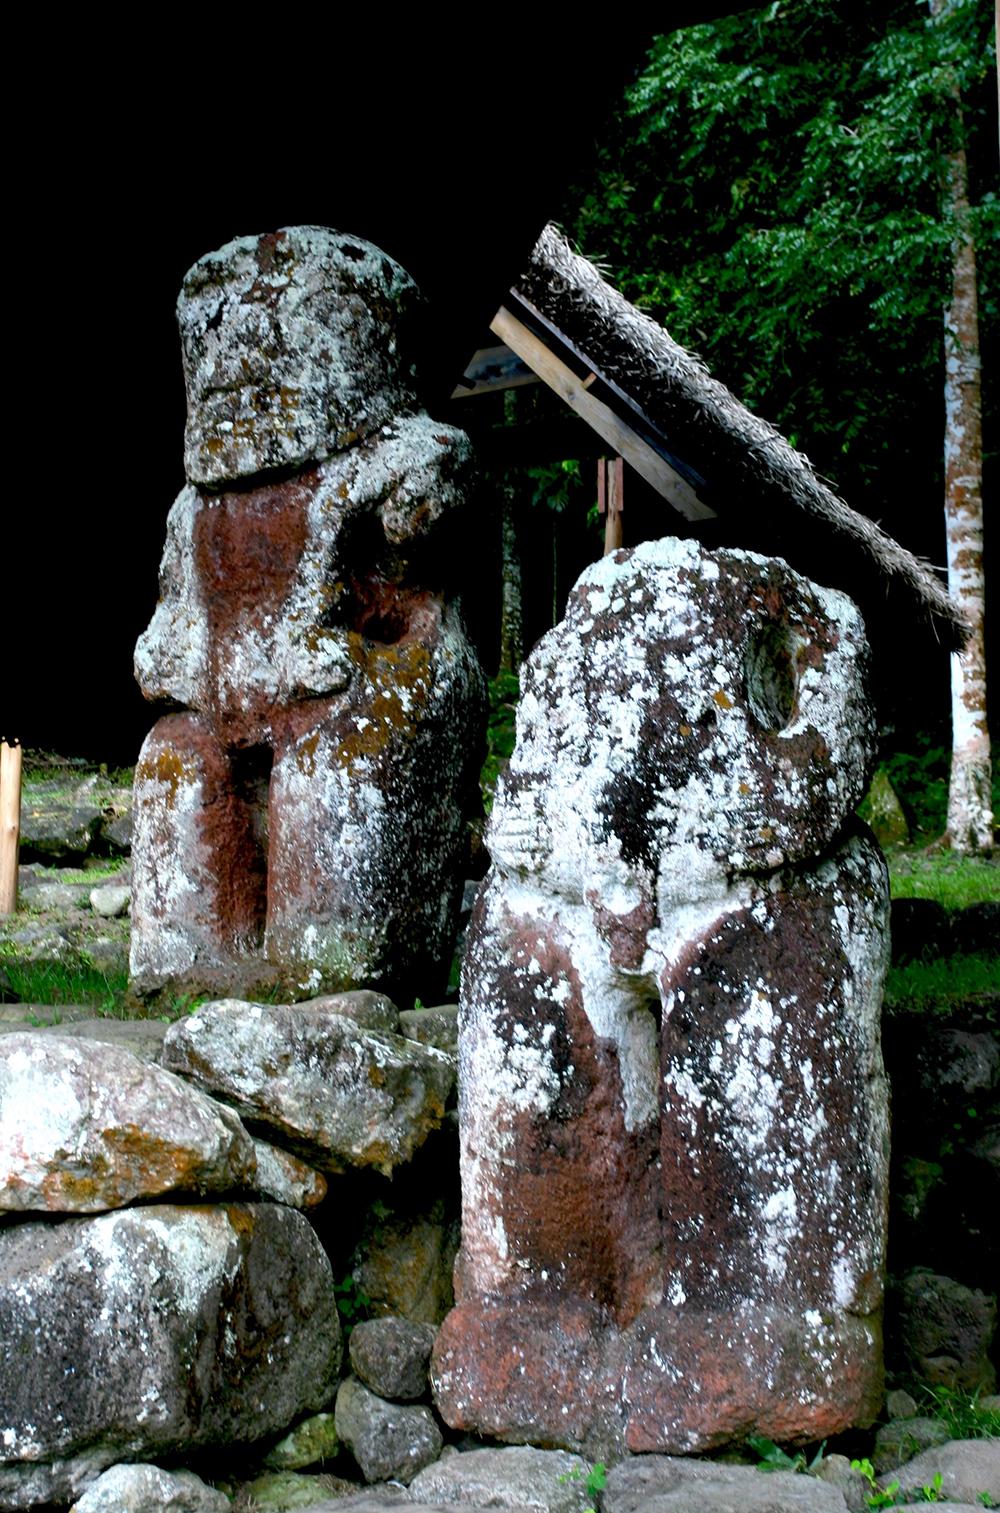 Takaii, le tiki géant de Puamau, est le plus grand tiki ancien de cet archipel. Mesuré, il avoua ce jour-là 2,55m mais une partie de ses pieds serait dans le sol.